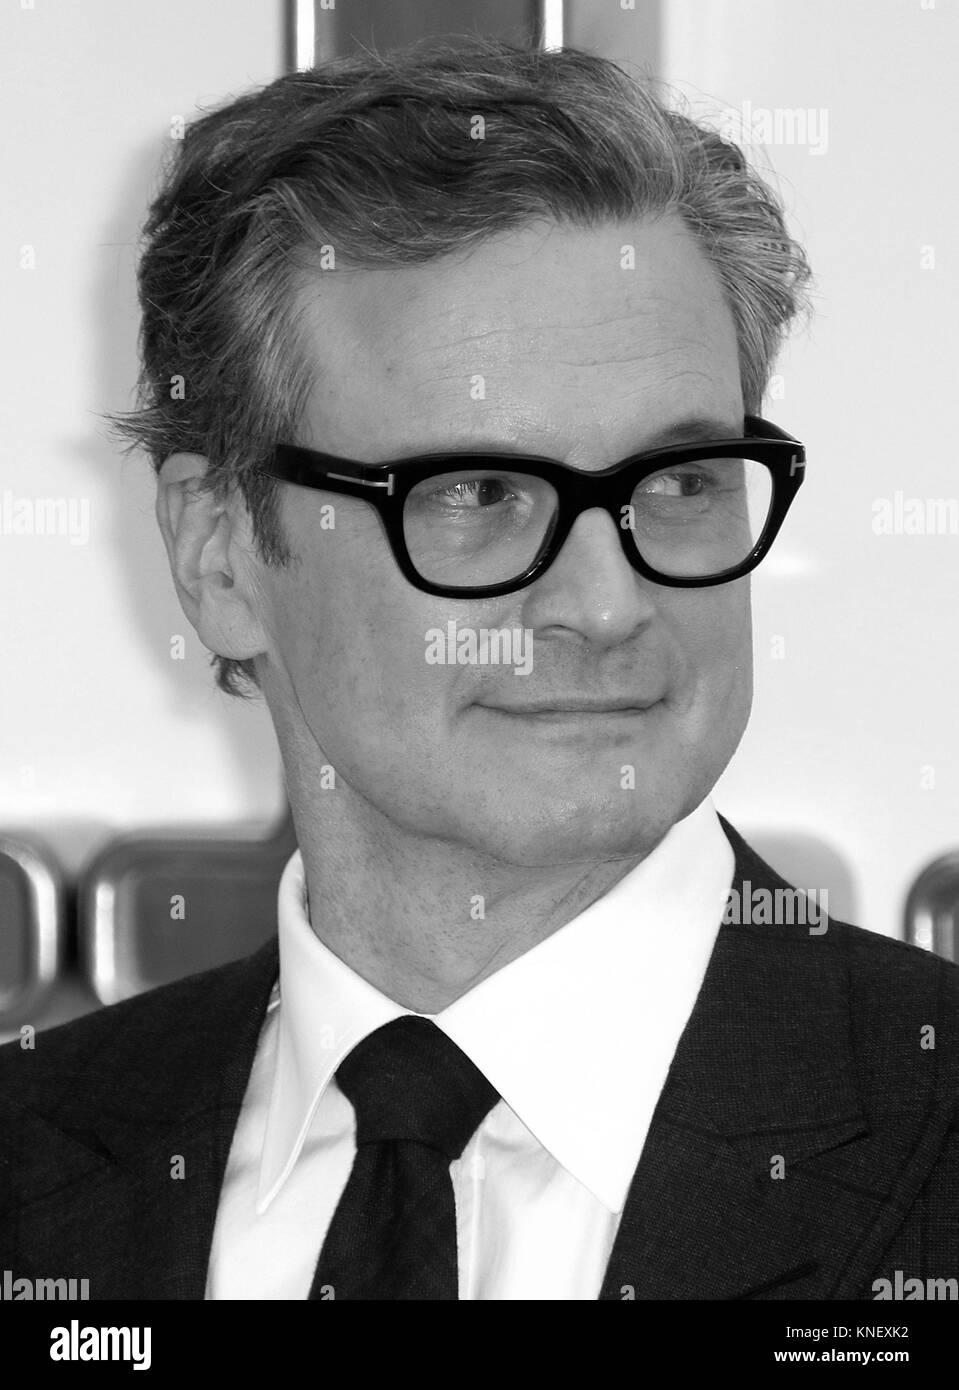 LONDON - Sept 18, 2017: Bild digital geändert werden schwarzweiß Colin Firth besucht die Kingsman: Der goldene Kreis Stockfoto